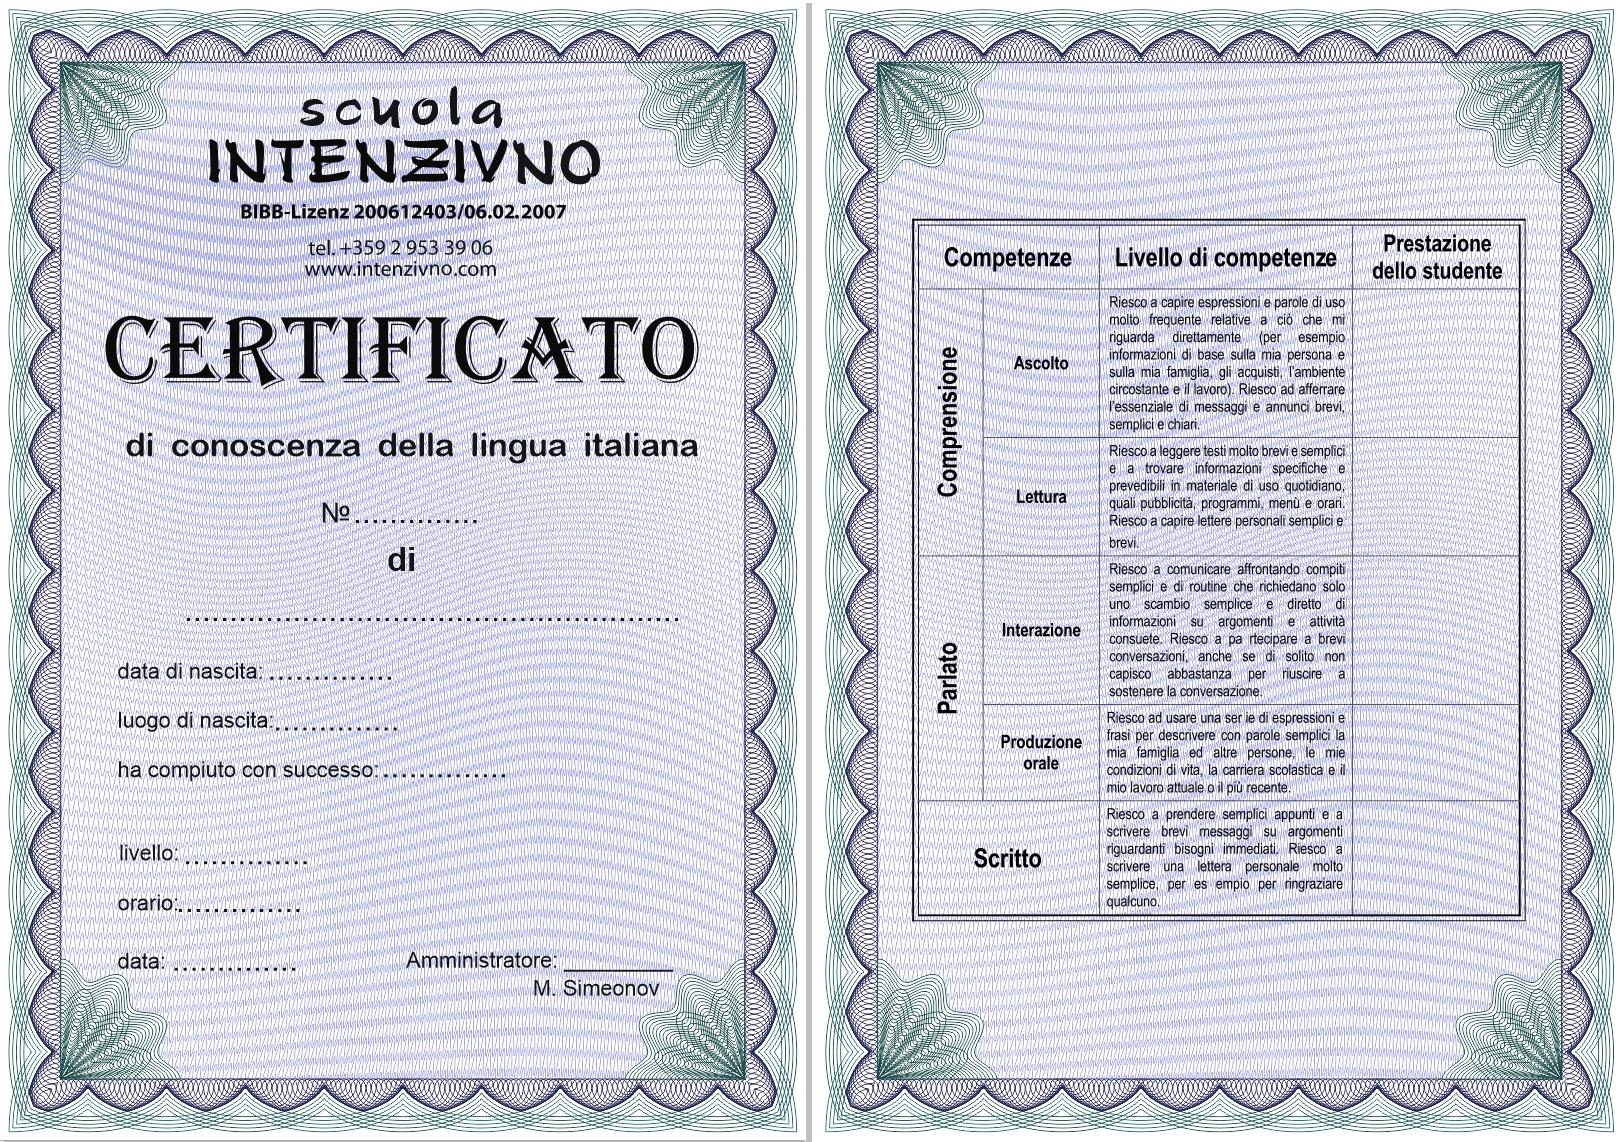 Снимка на сертификат по италиански език